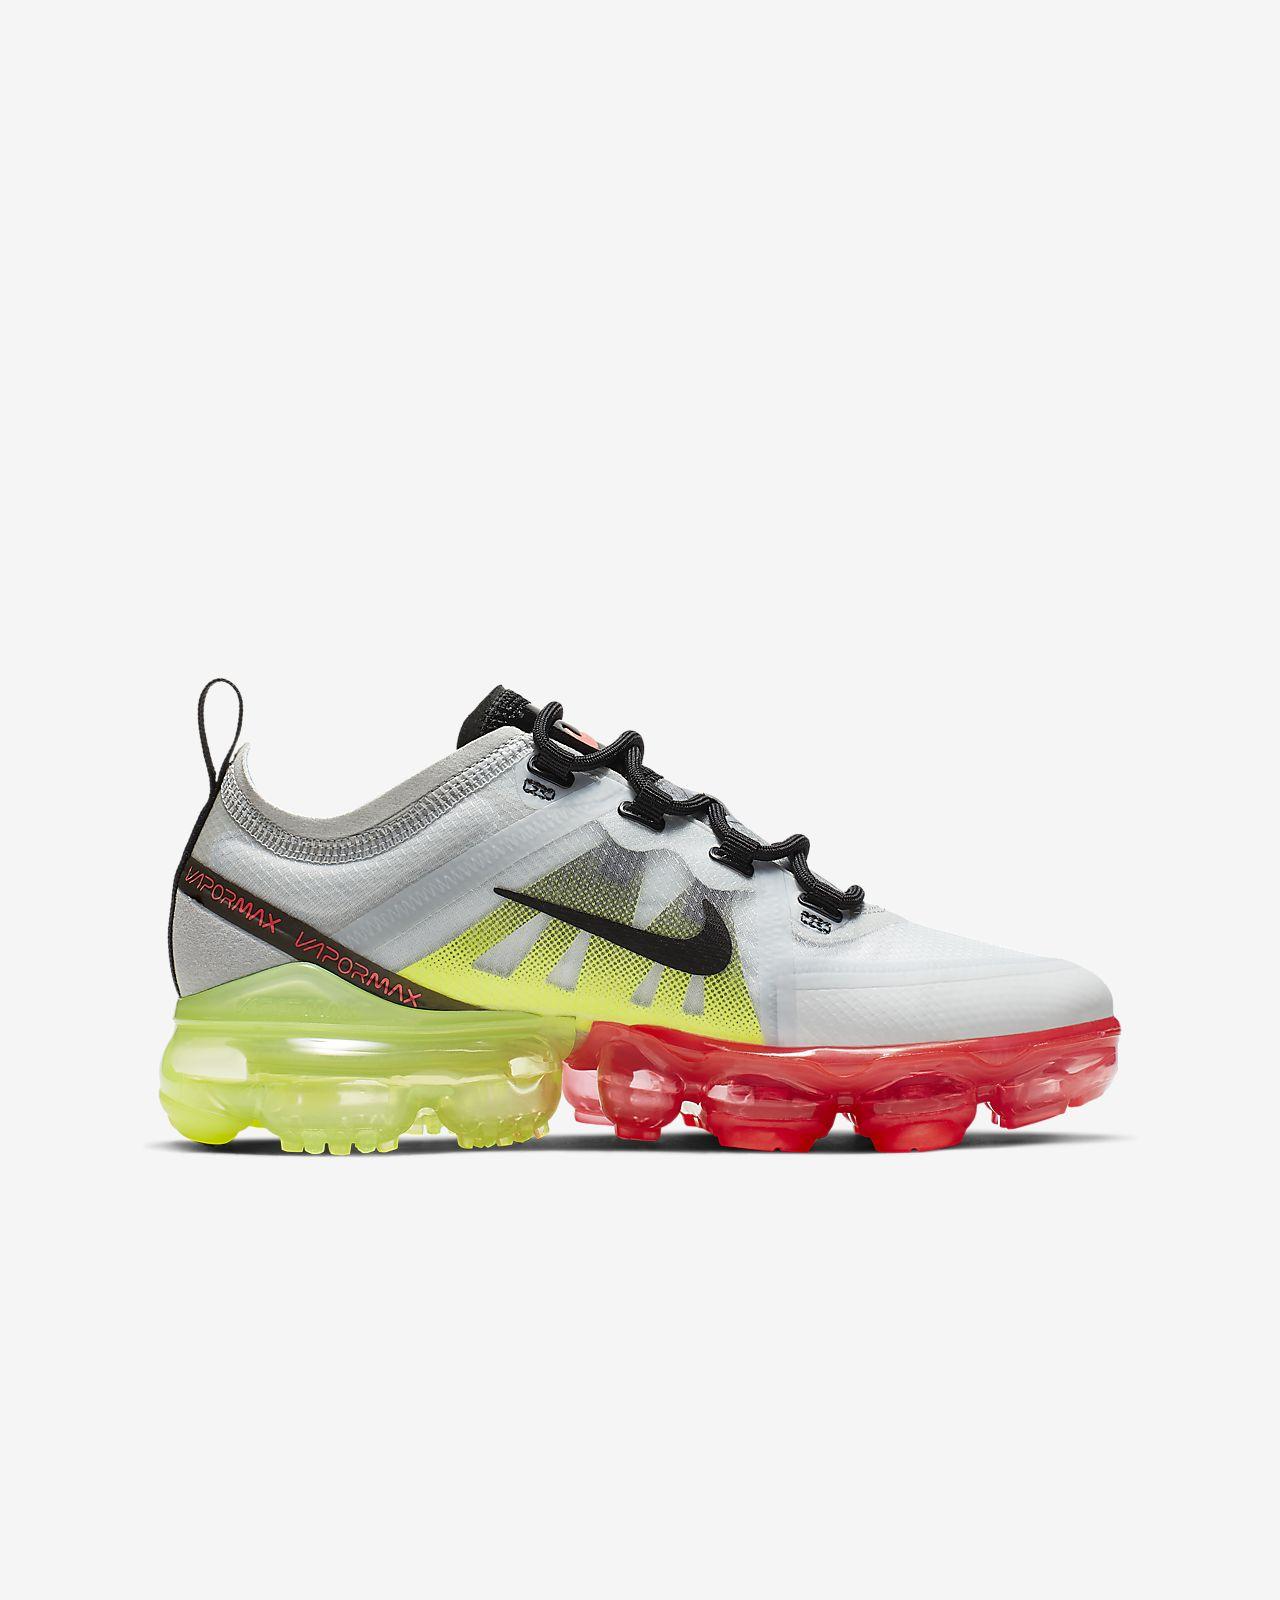 8e79f63473 Nike Air VaporMax 2019 Older Kids' Shoe. Nike.com GB